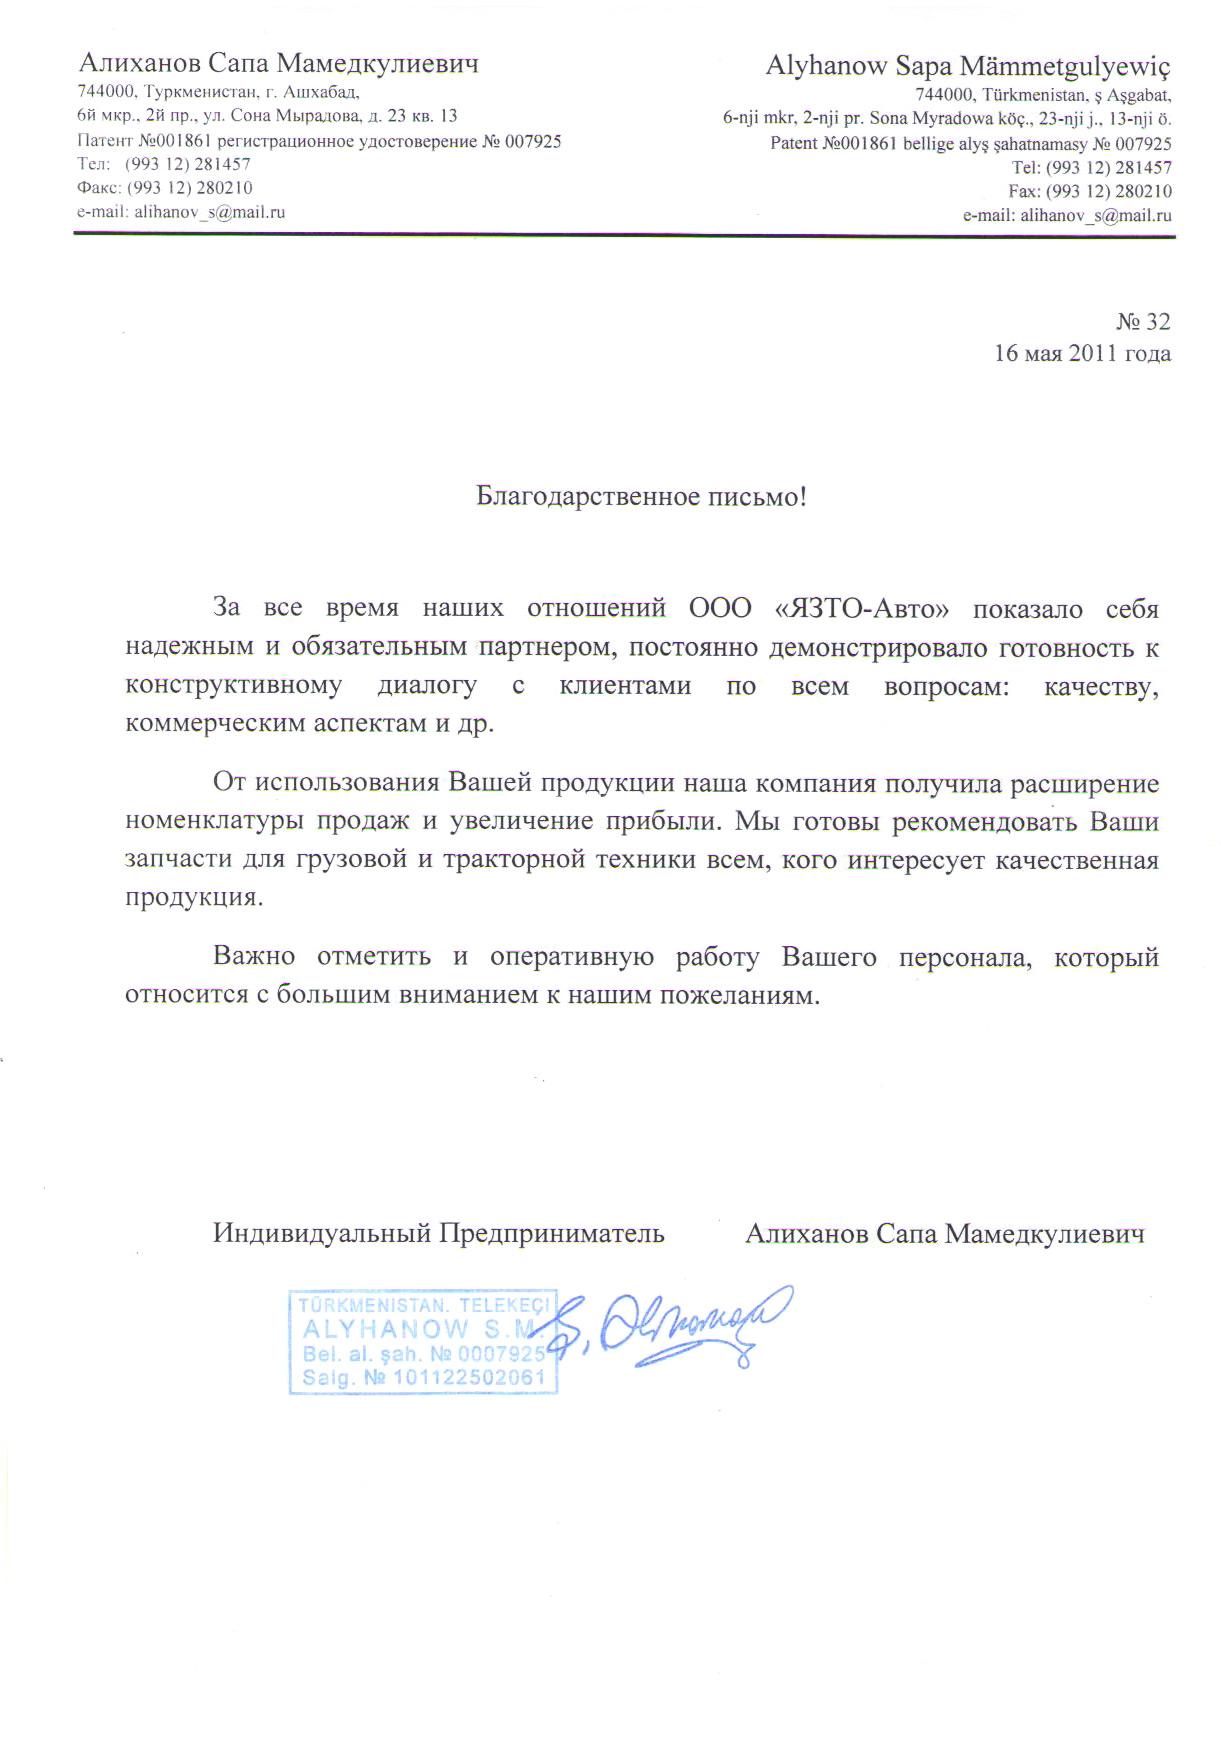 Отзыв Алиханов